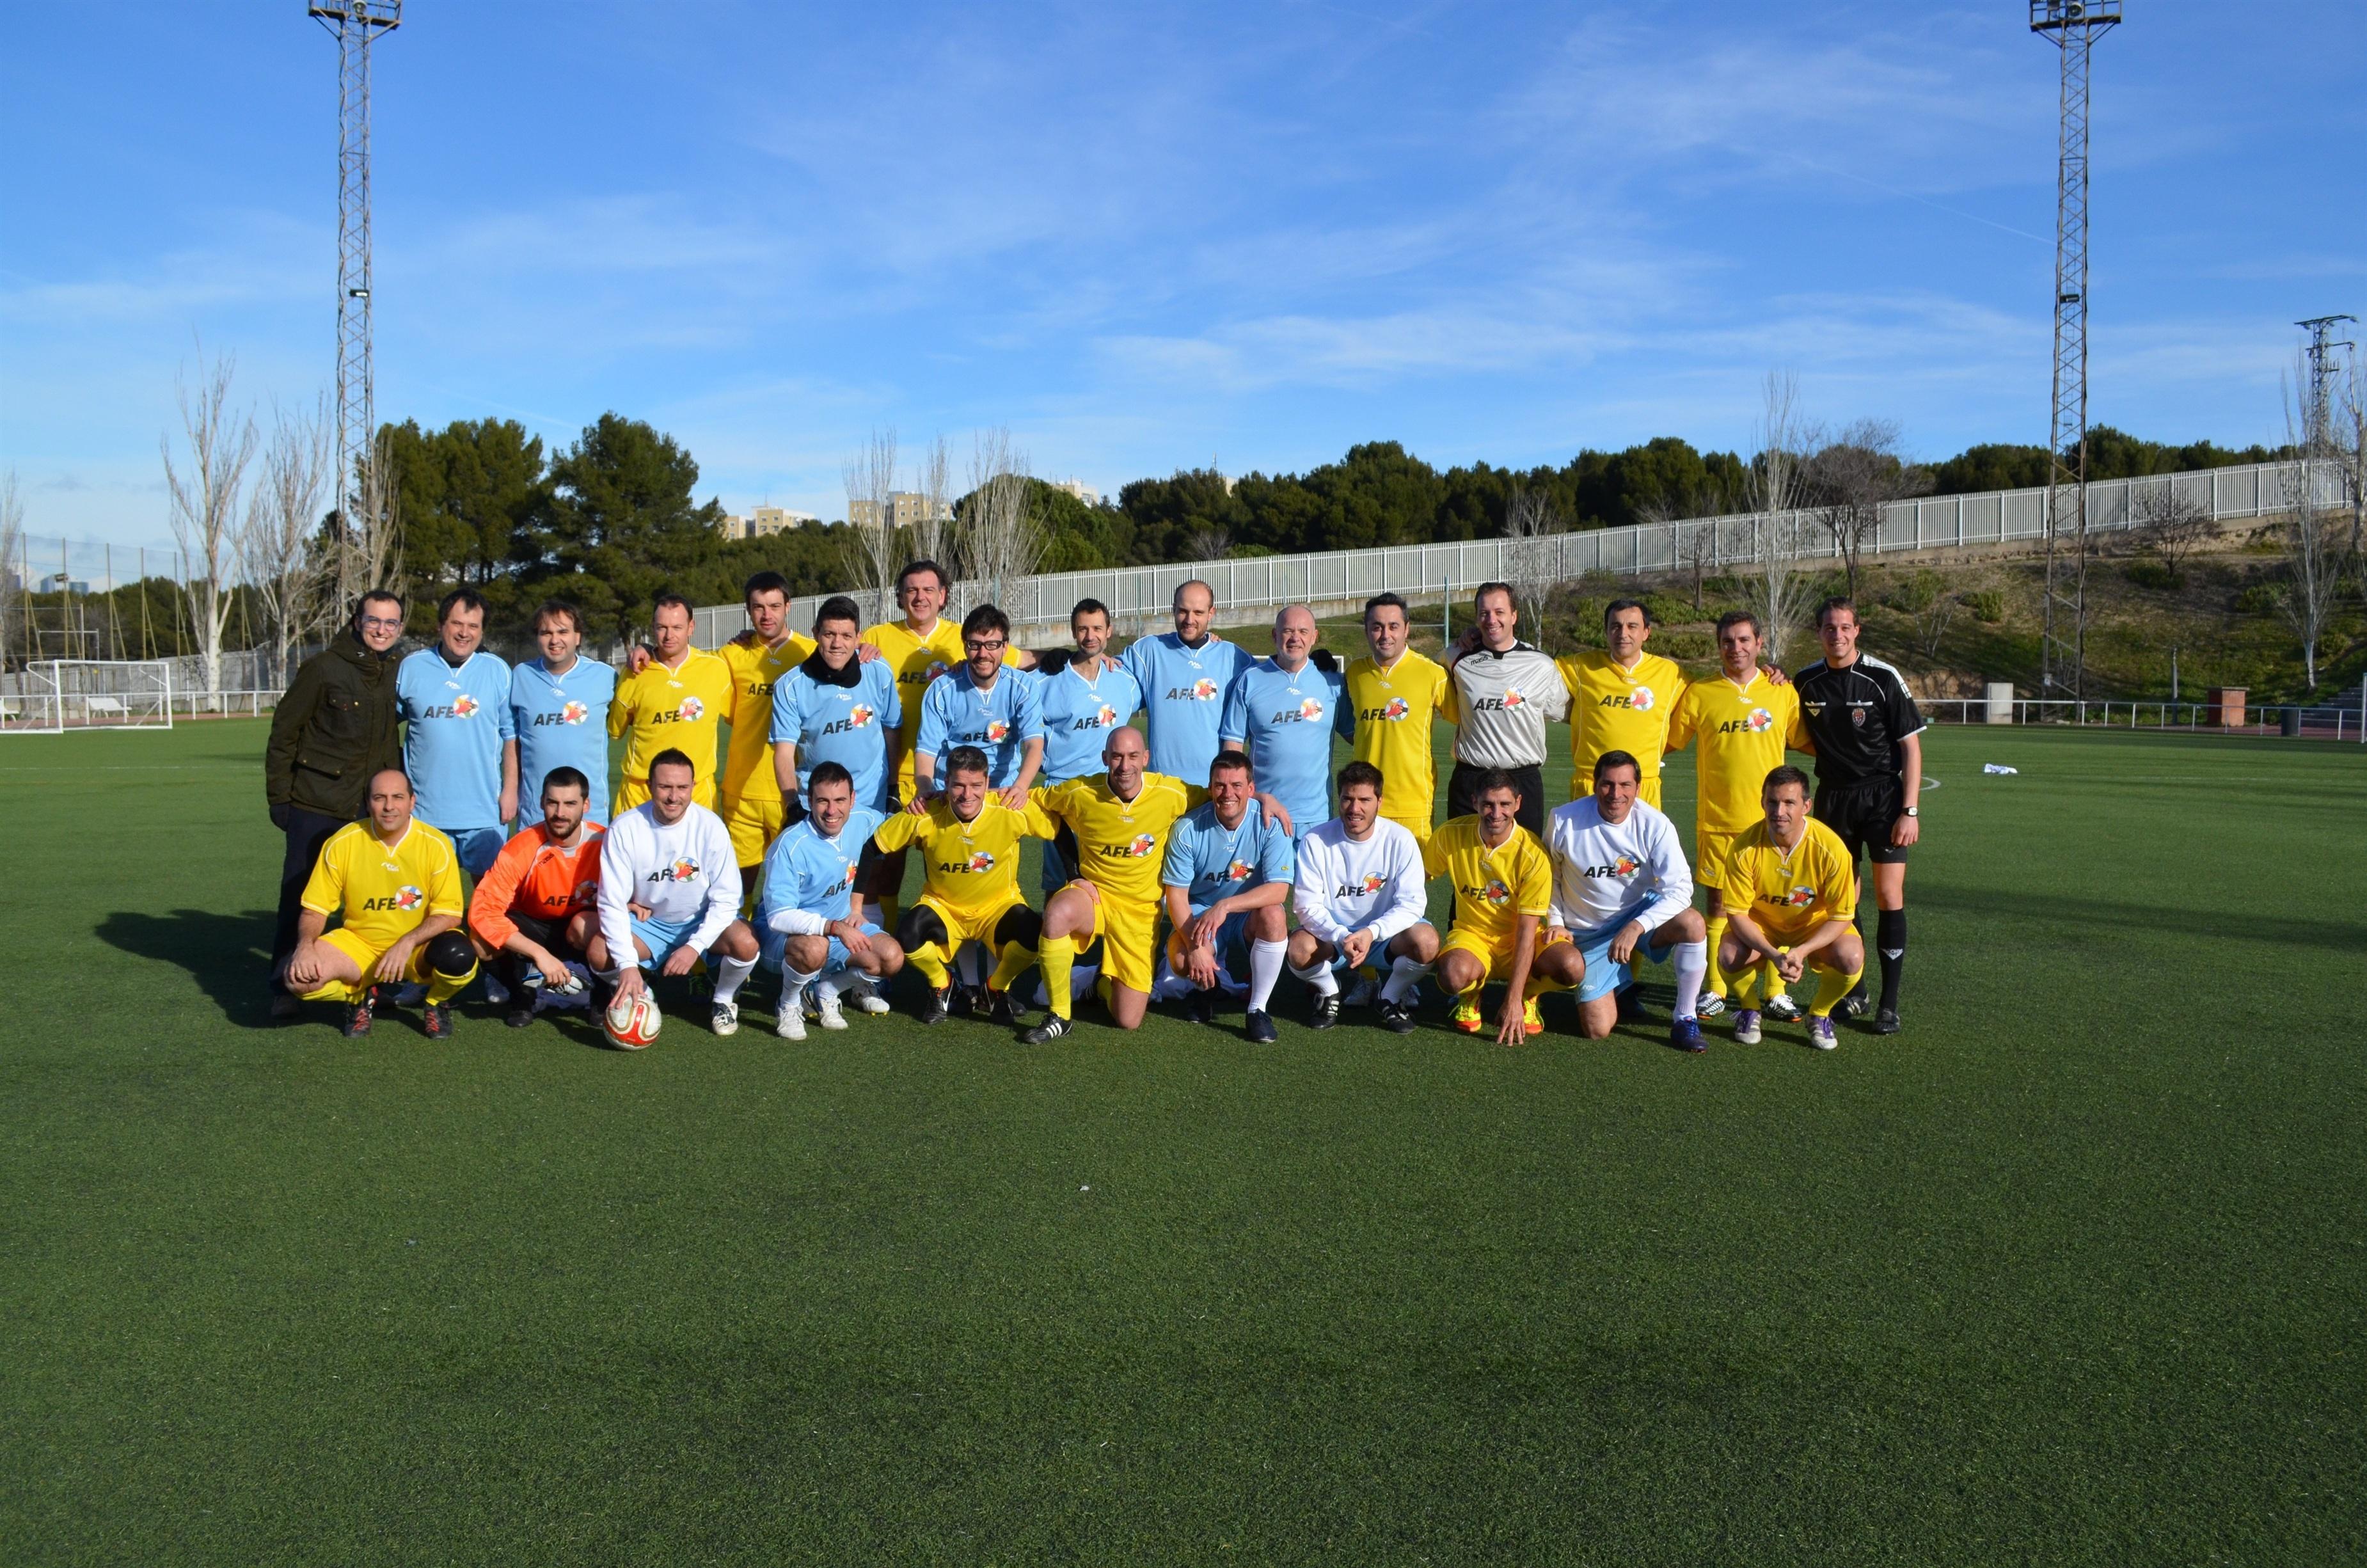 La selección de AFE gana (6-1) a la prensa en un amistoso